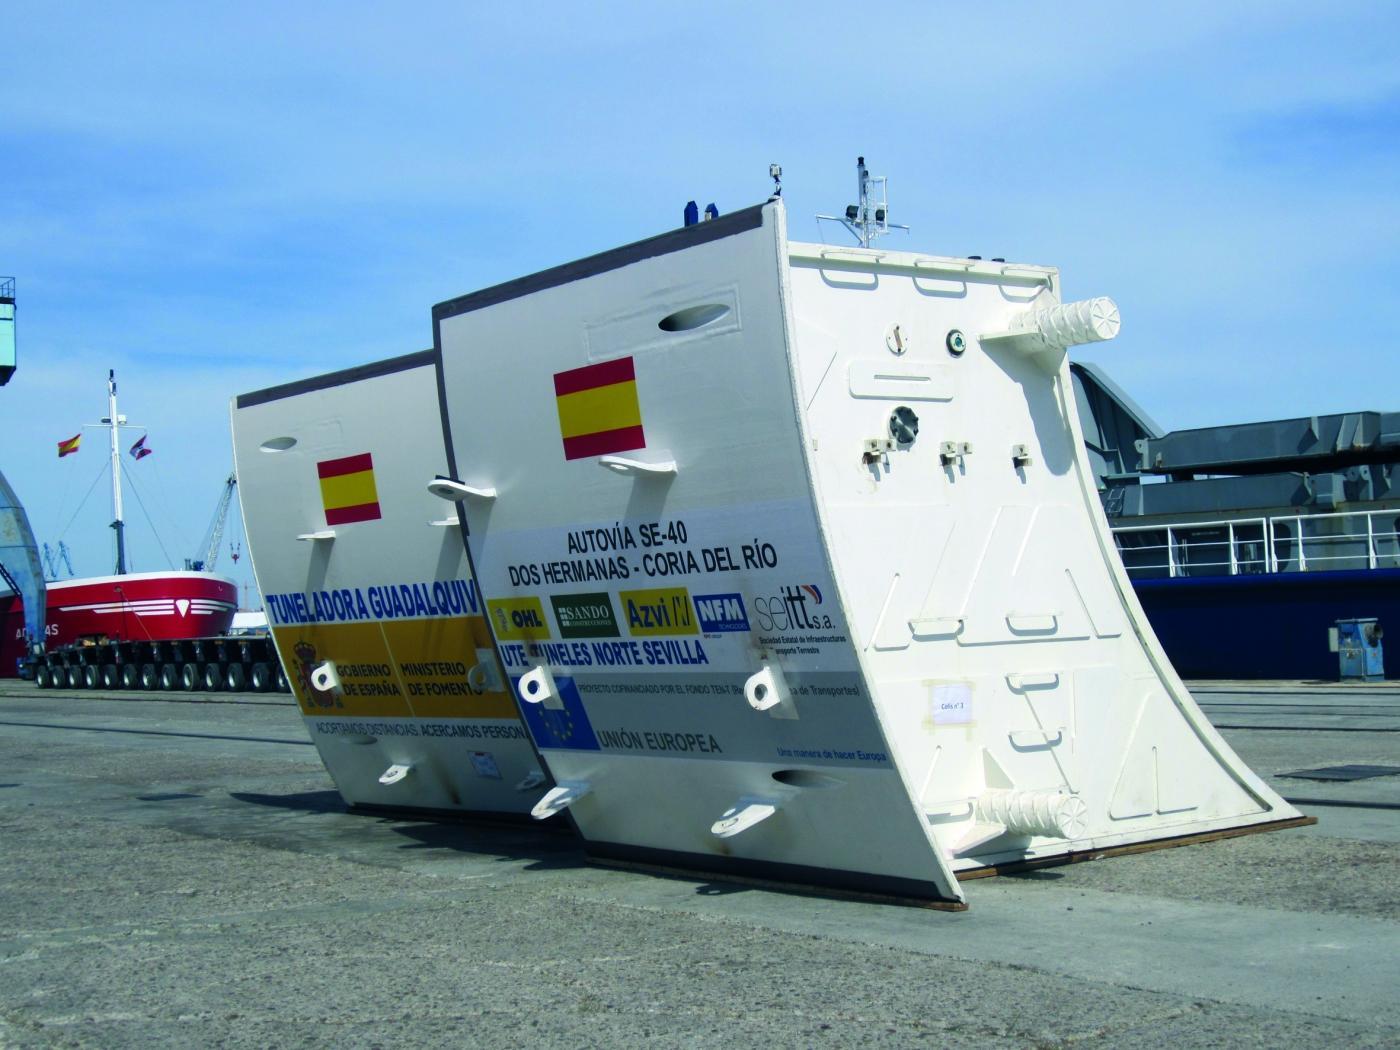 Fomento adjudica la redacción de los nuevos proyectos de la SE-40 a Coria